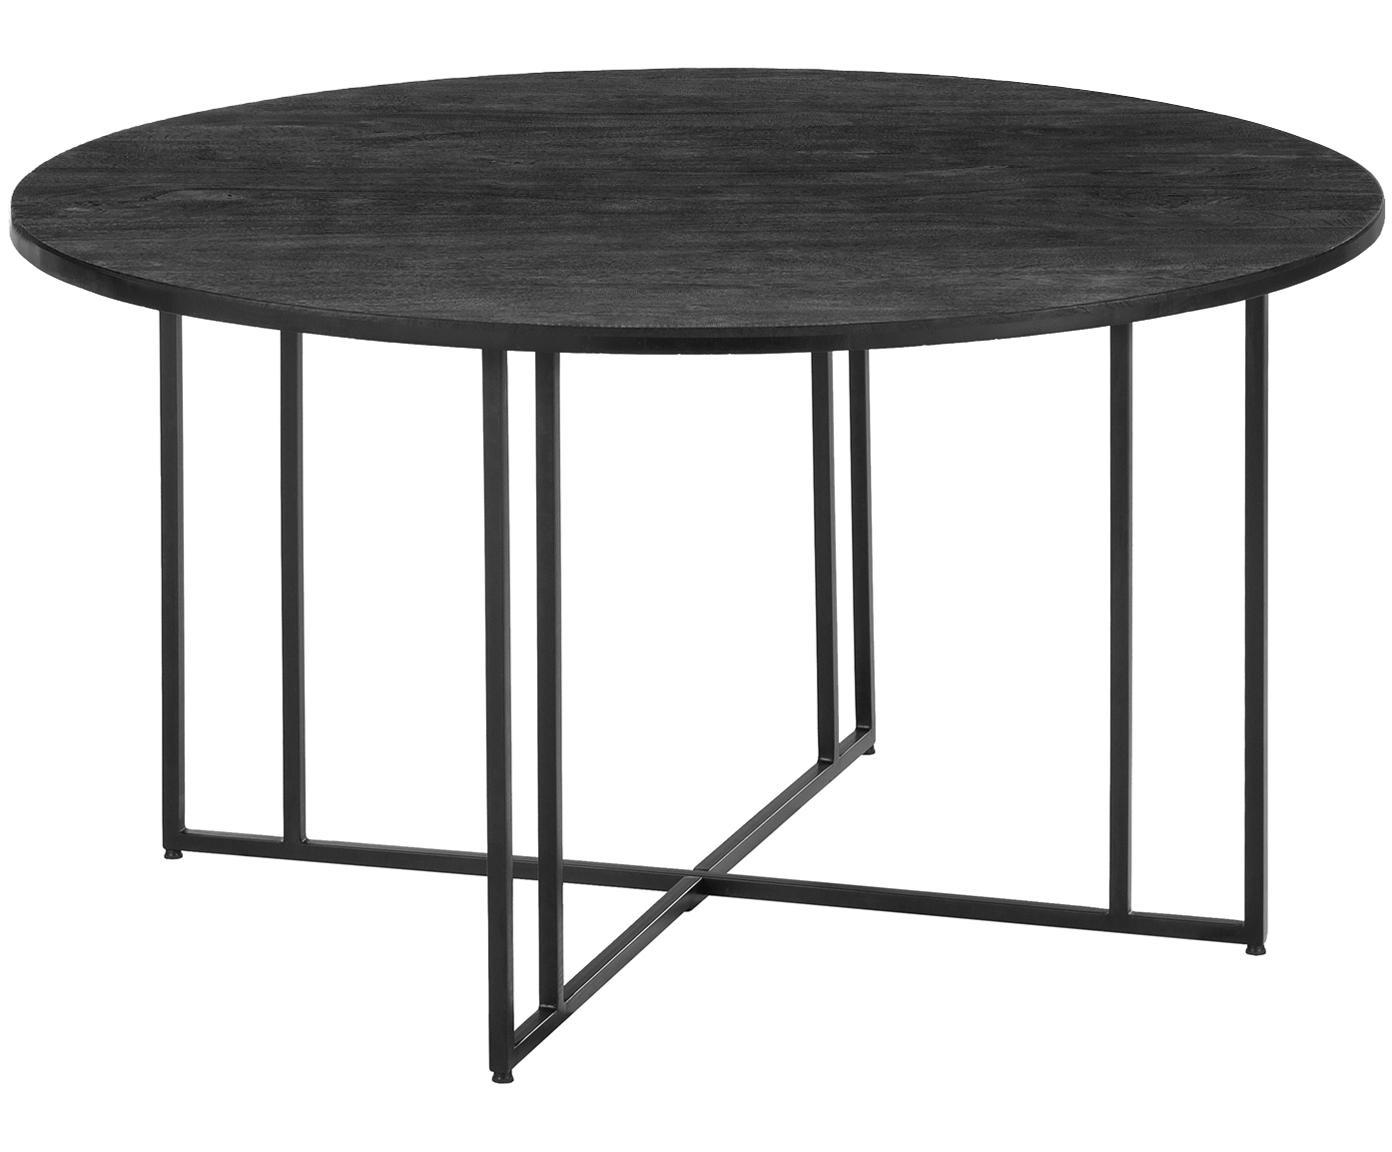 Runder Massivholz Esstisch Luca, Tischplatte: Massives Mangoholz, gebür, Gestell: Metall, pulverbeschichtet, Tischplatte: Mangoholz, schwarz lackiertGestell: Schwarz, matt, ∅ 140 x H 75 cm